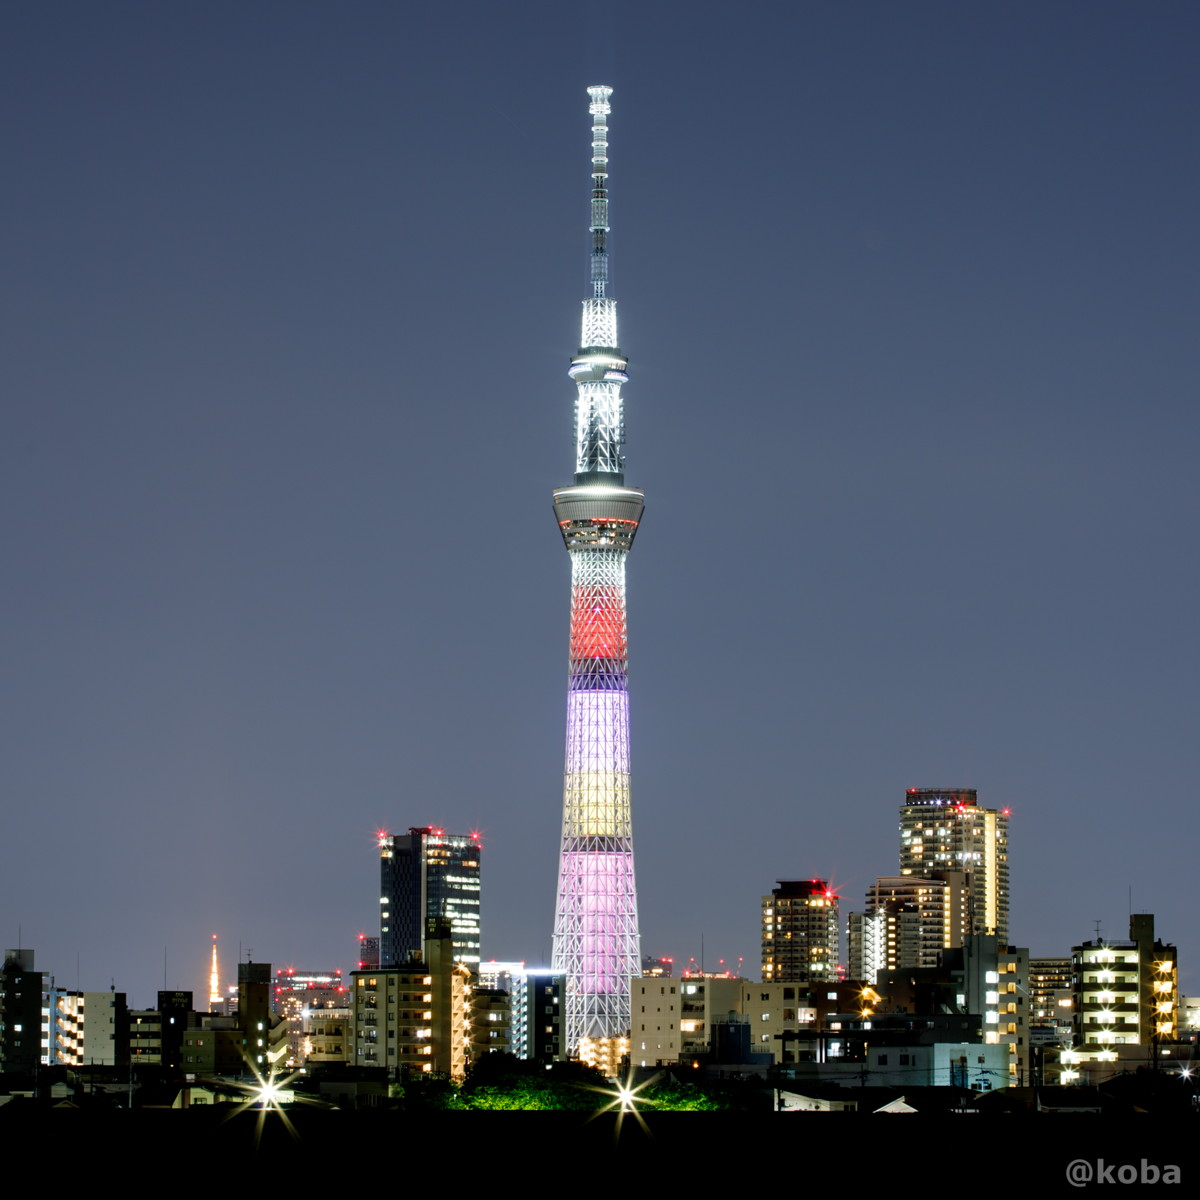 東京スカイツリー│ももいろクローバーZ結成10周年記念 特別ライティング│葛飾区 四ツ木(四つ木 よつぎ)│こばフォトブログ│@koba